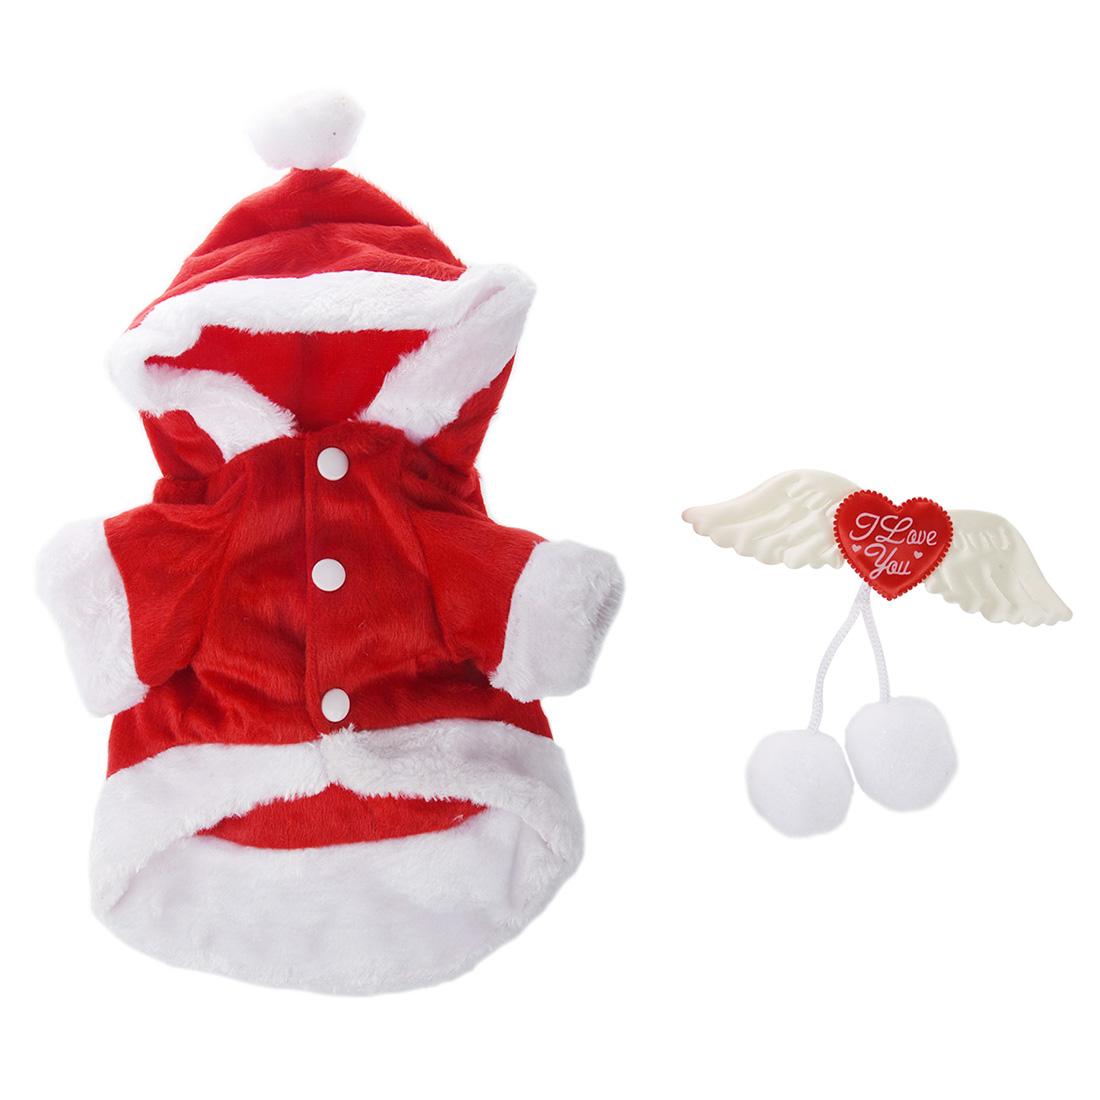 noel ange aile chien veste costume de pere noel fantaisie cadeaux d 39 animaux wt ebay. Black Bedroom Furniture Sets. Home Design Ideas